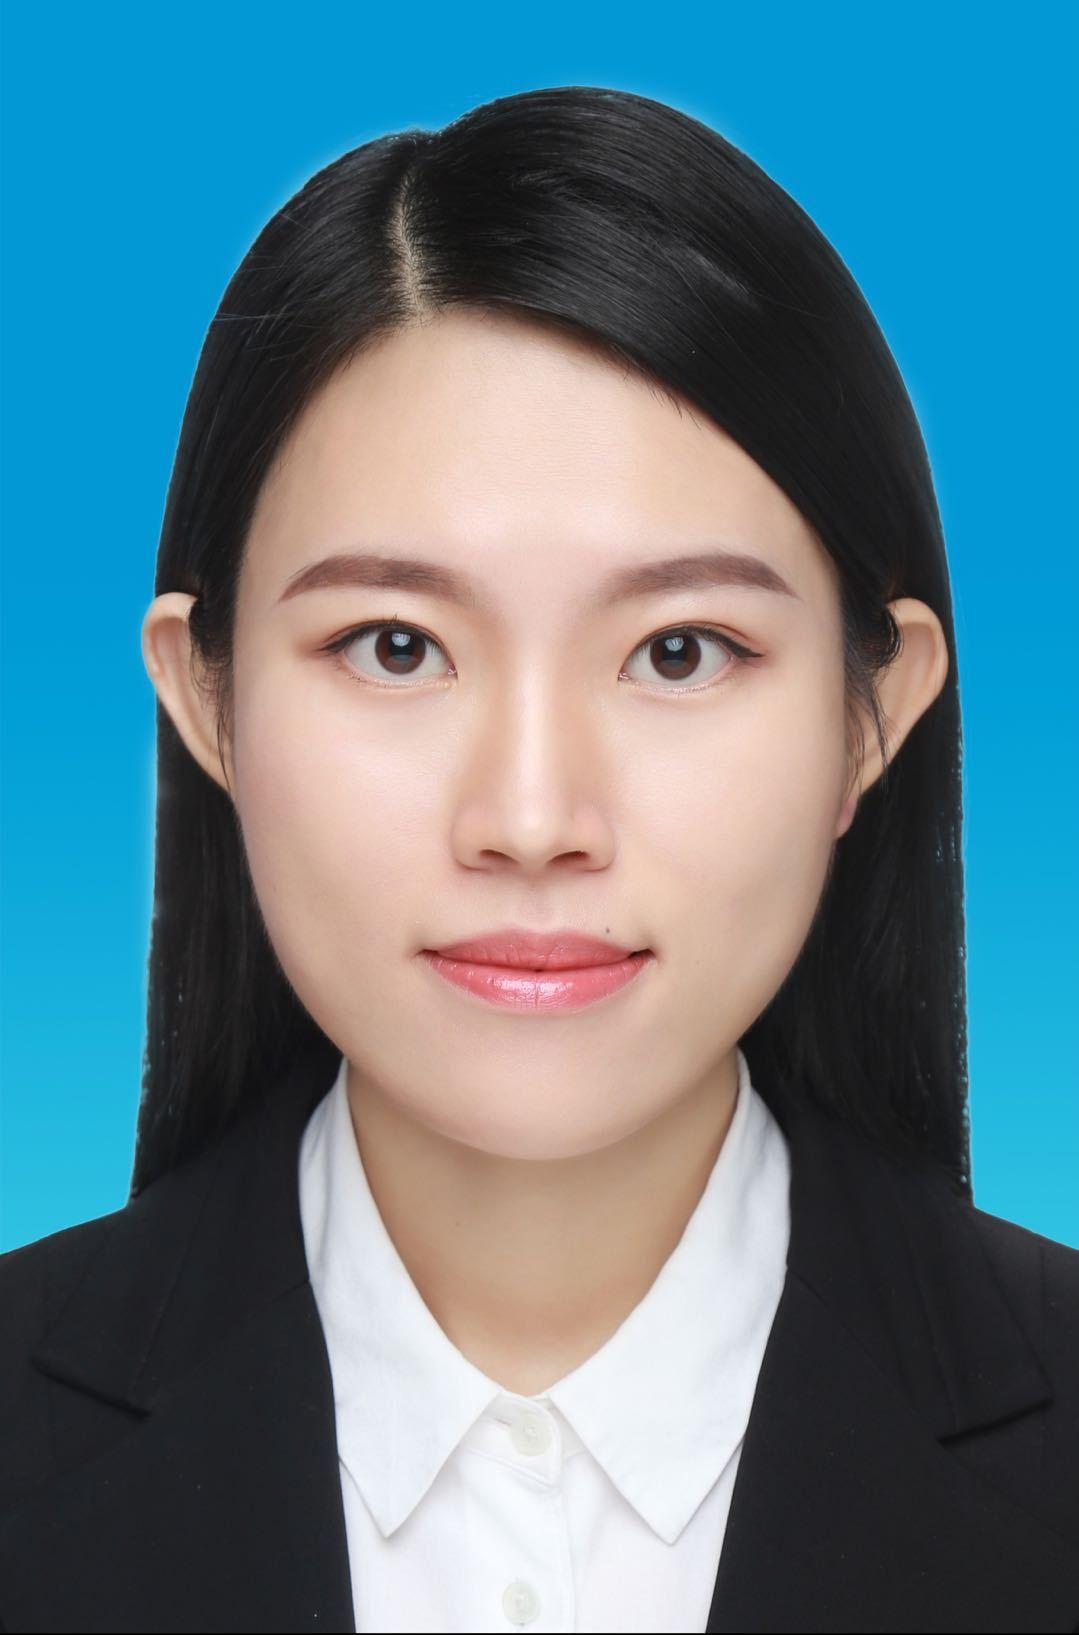 虹口家教潘老师